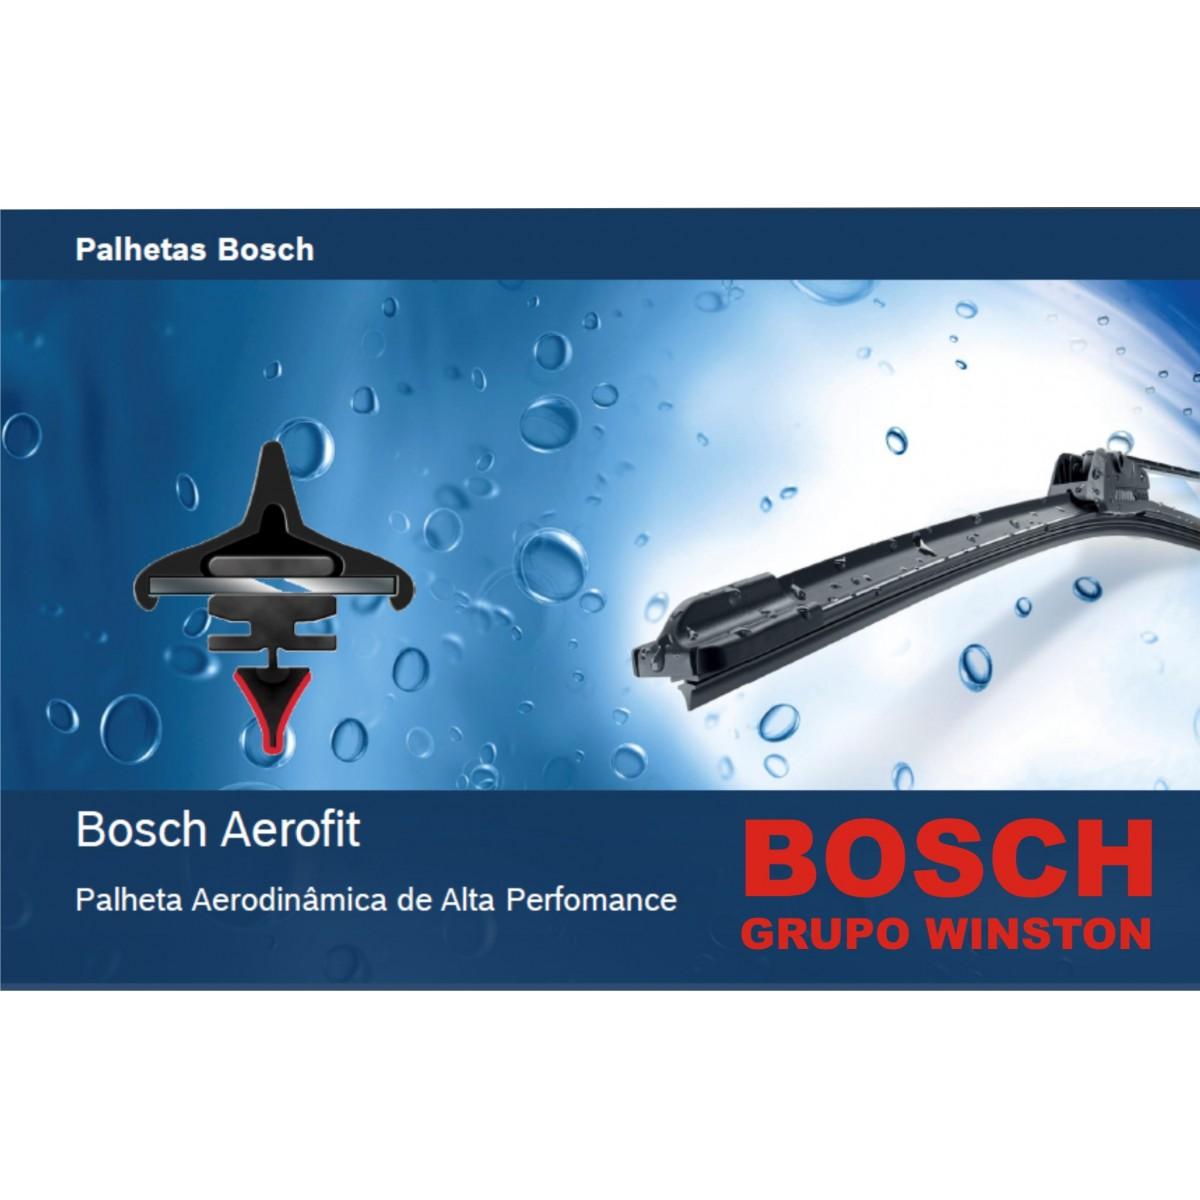 Palheta Bosch Aerofit Limpador de para brisa Bosch Bora Gol Golf Parati Polo Saveiro